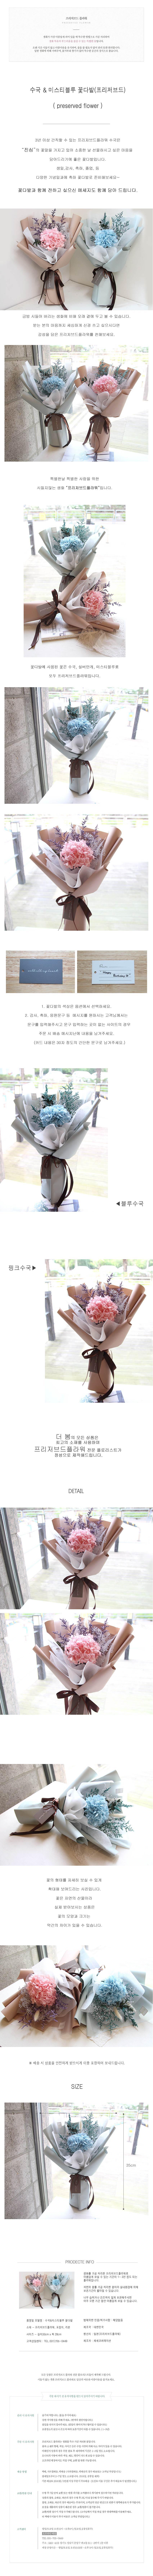 감성 담은 수국꽃다발(프리저브드) - 더봄, 32,000원, 조화, 프리저브드